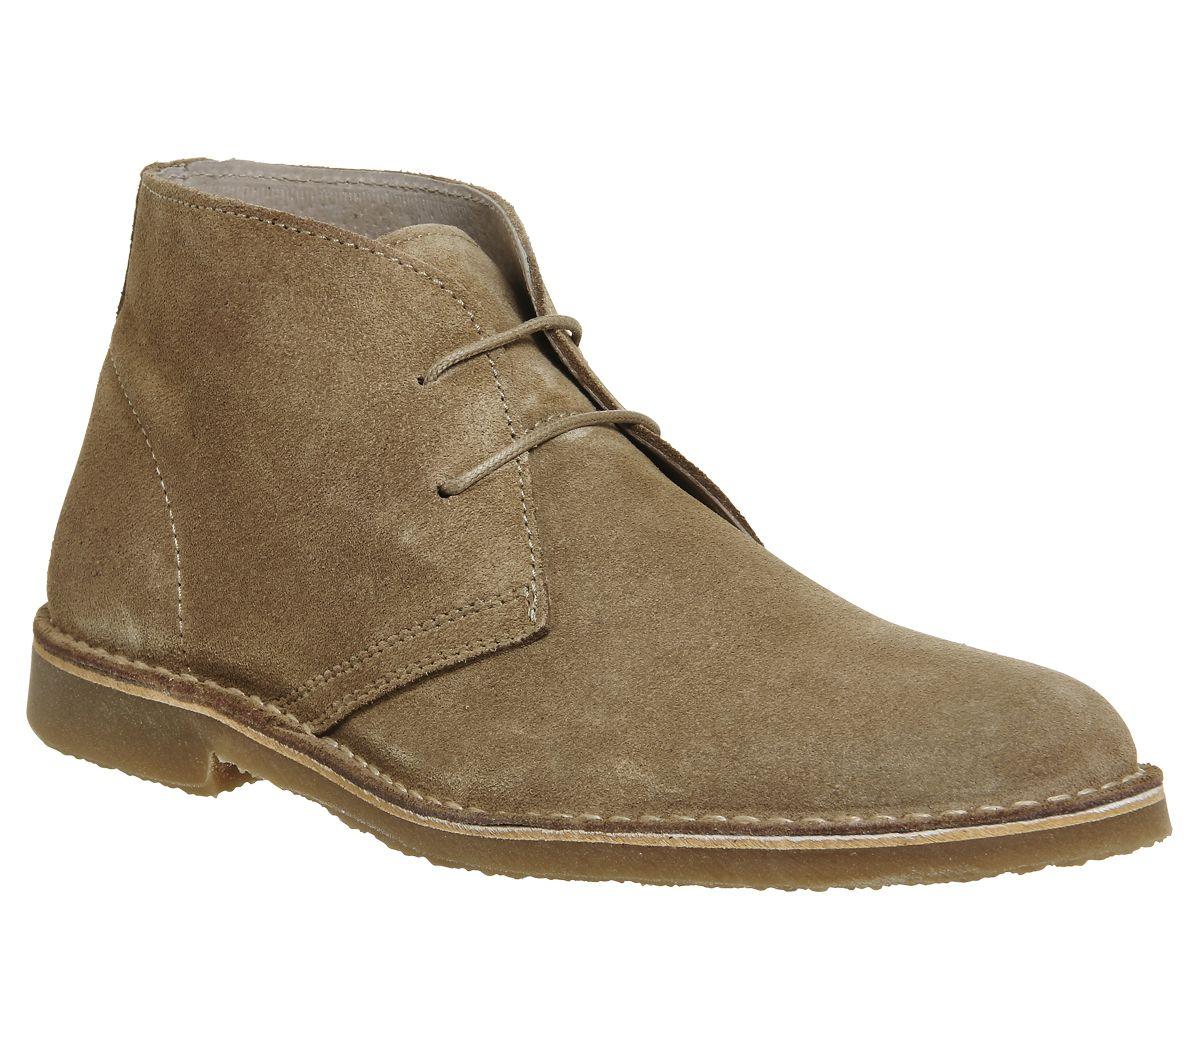 7d70ad1f4a5 Fahrenheit Desert Boots